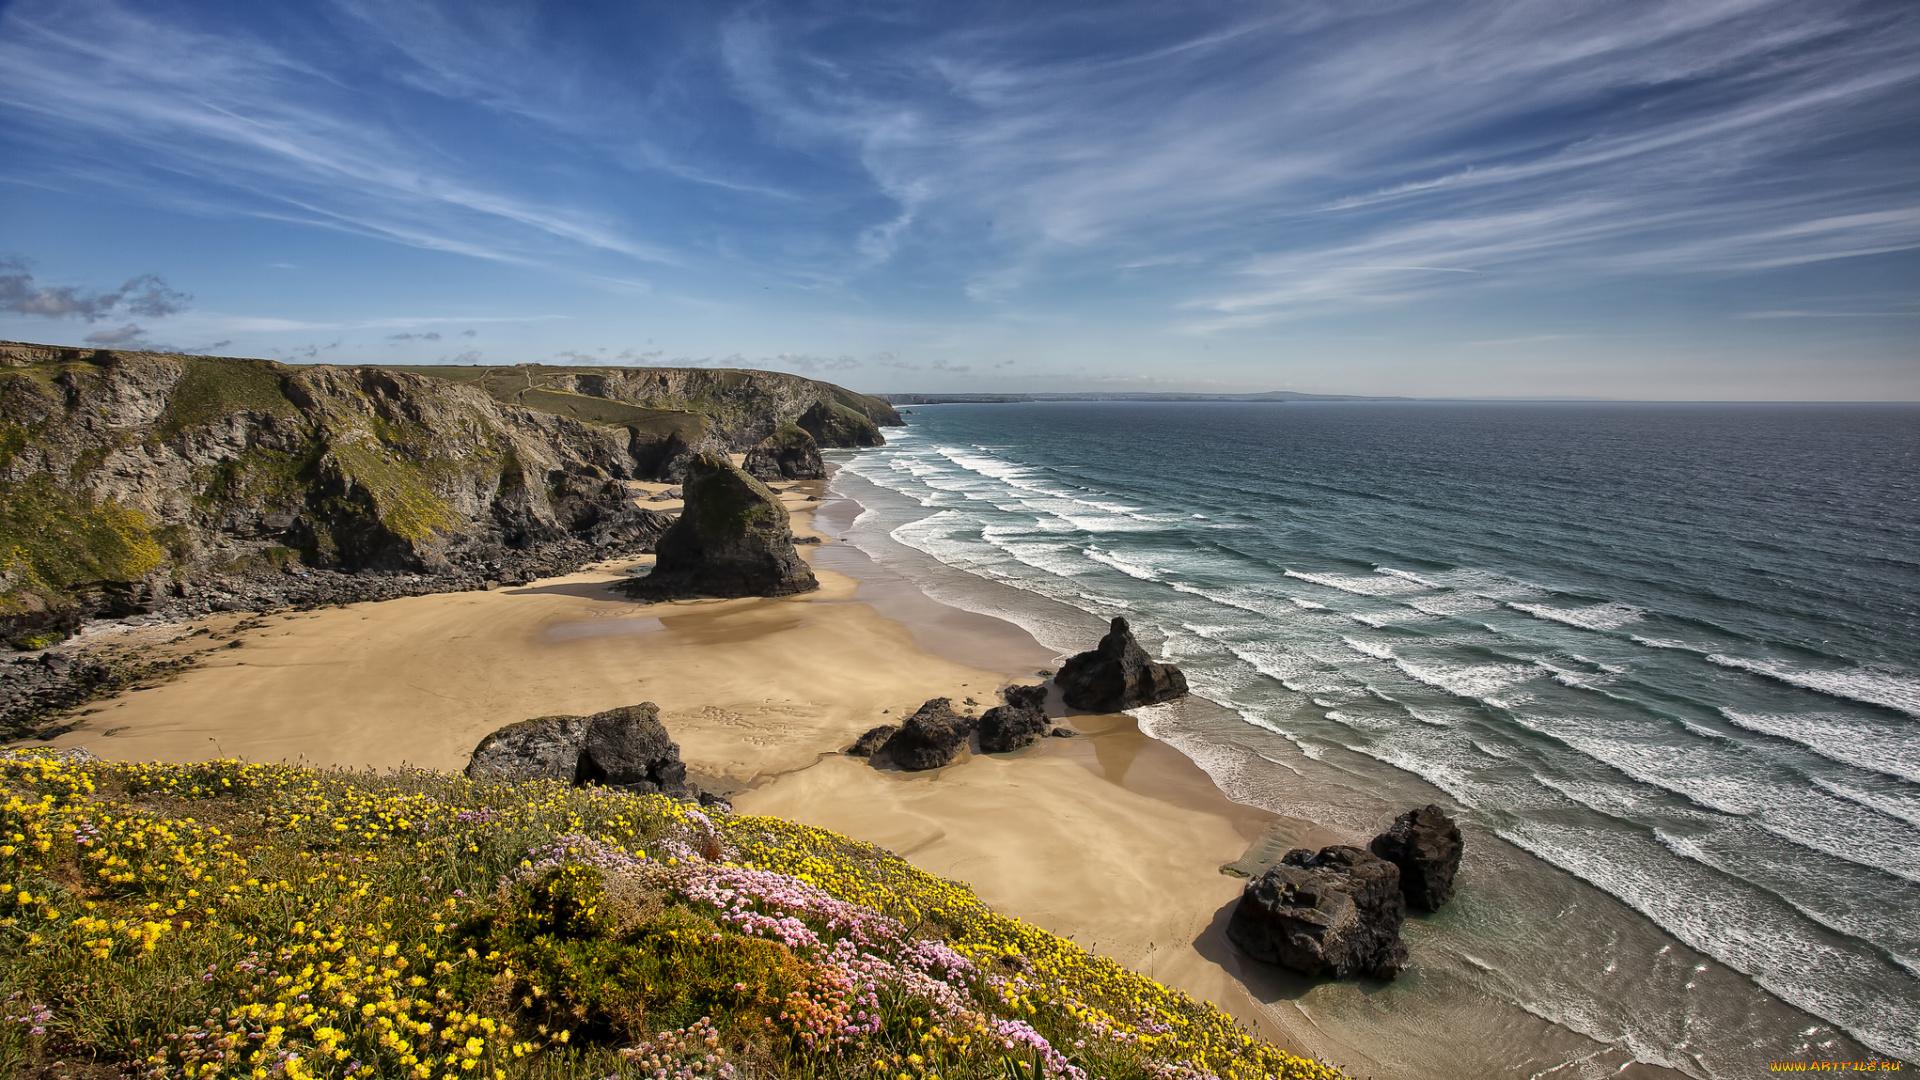 Море побережье природа Мыс Соландер  № 3111677 бесплатно